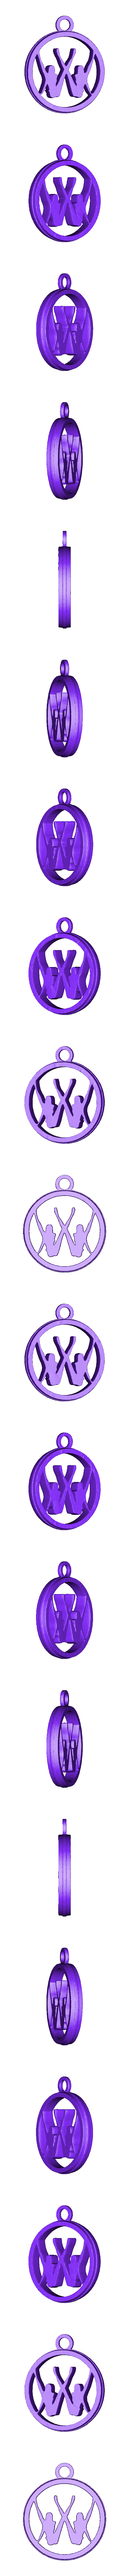 w.stl Télécharger fichier STL gratuit Porte-clés avec logo Volkswagen • Design imprimable en 3D, shuranikishin